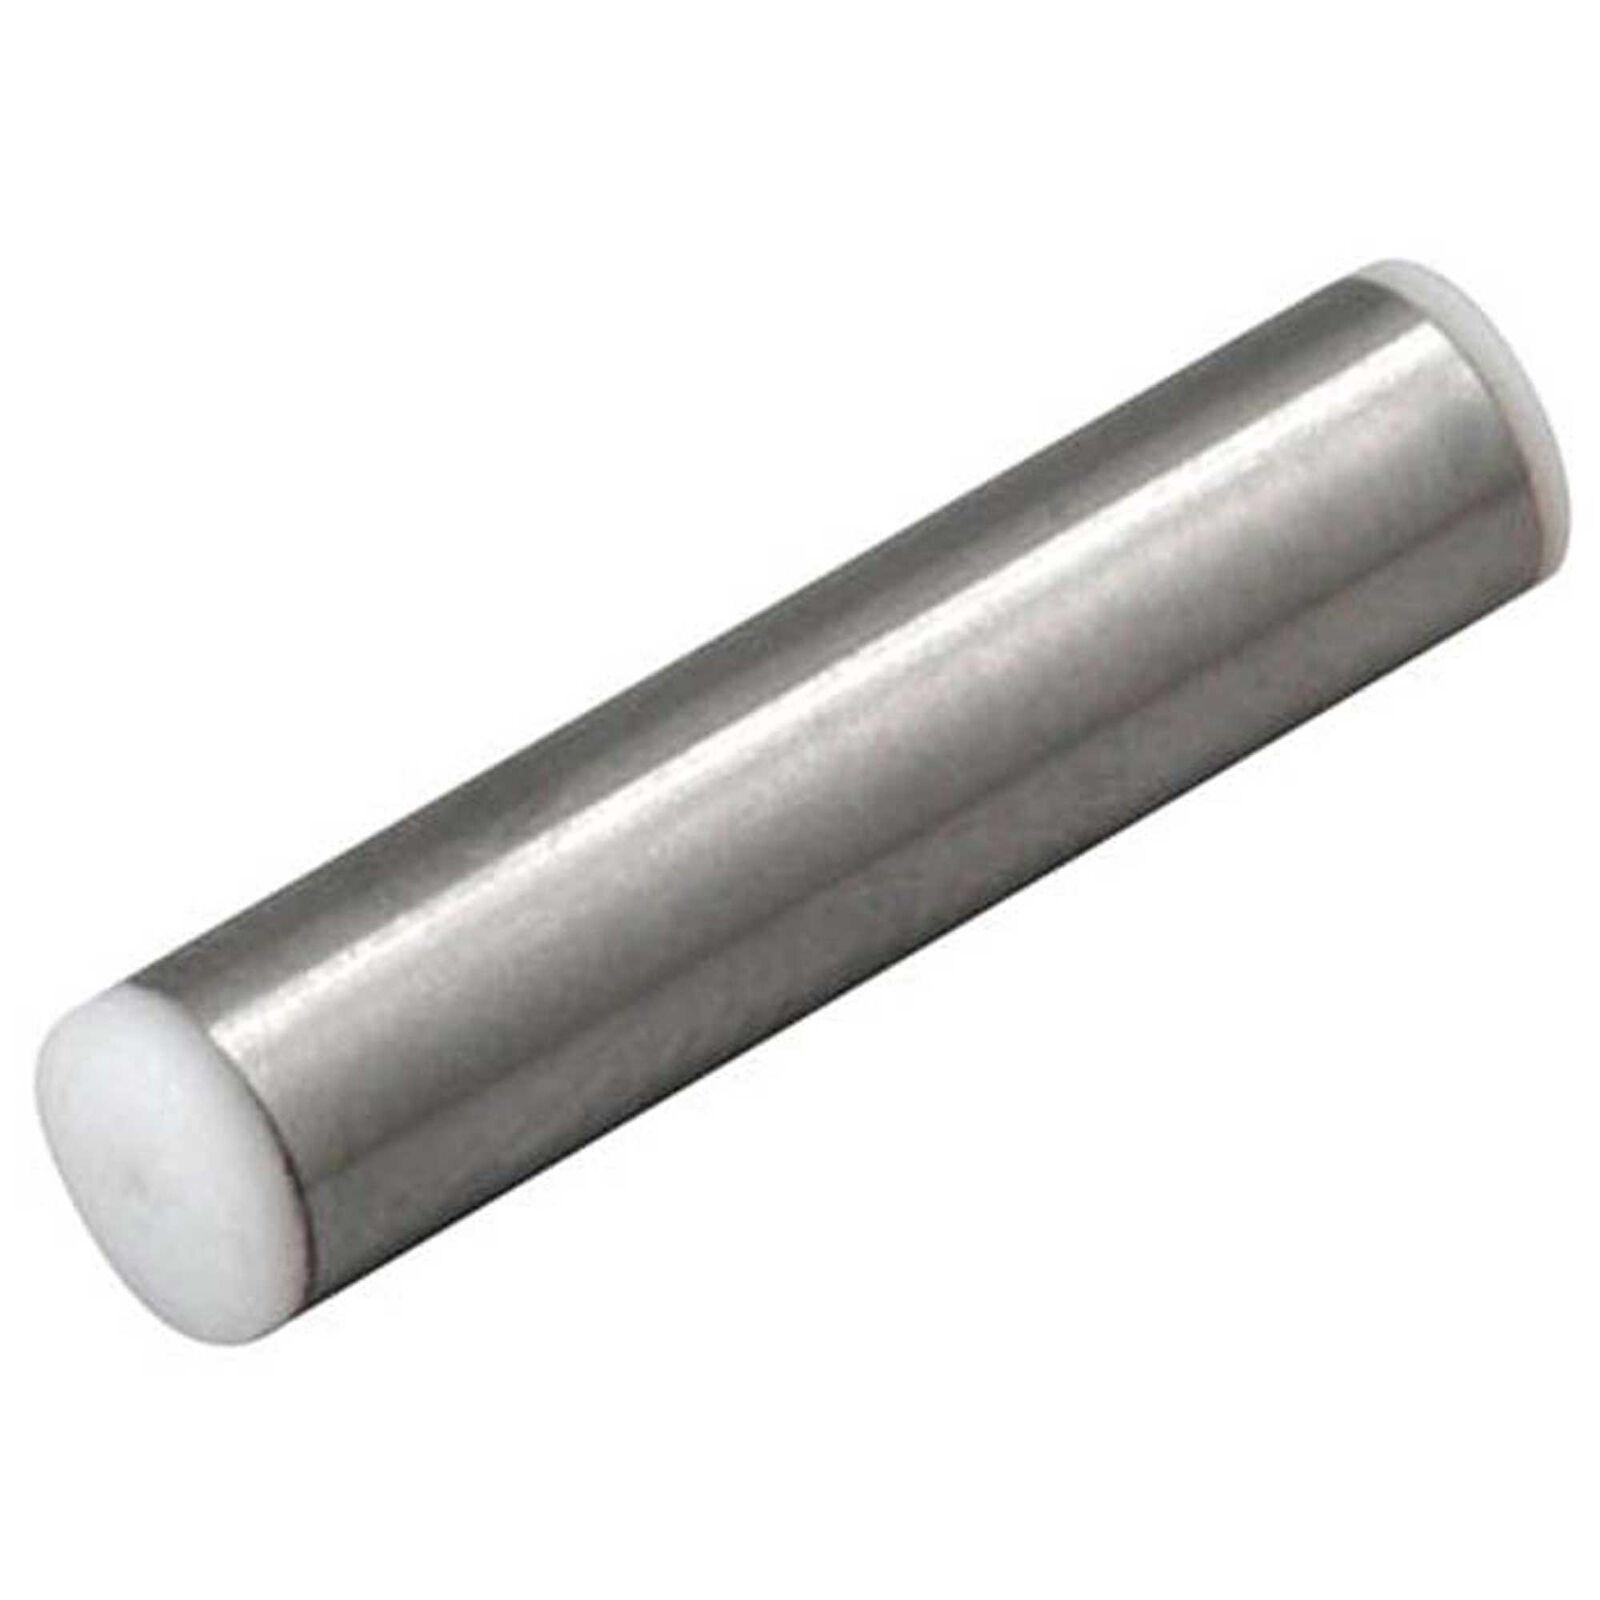 Piston Pin: FS-48 Surpass